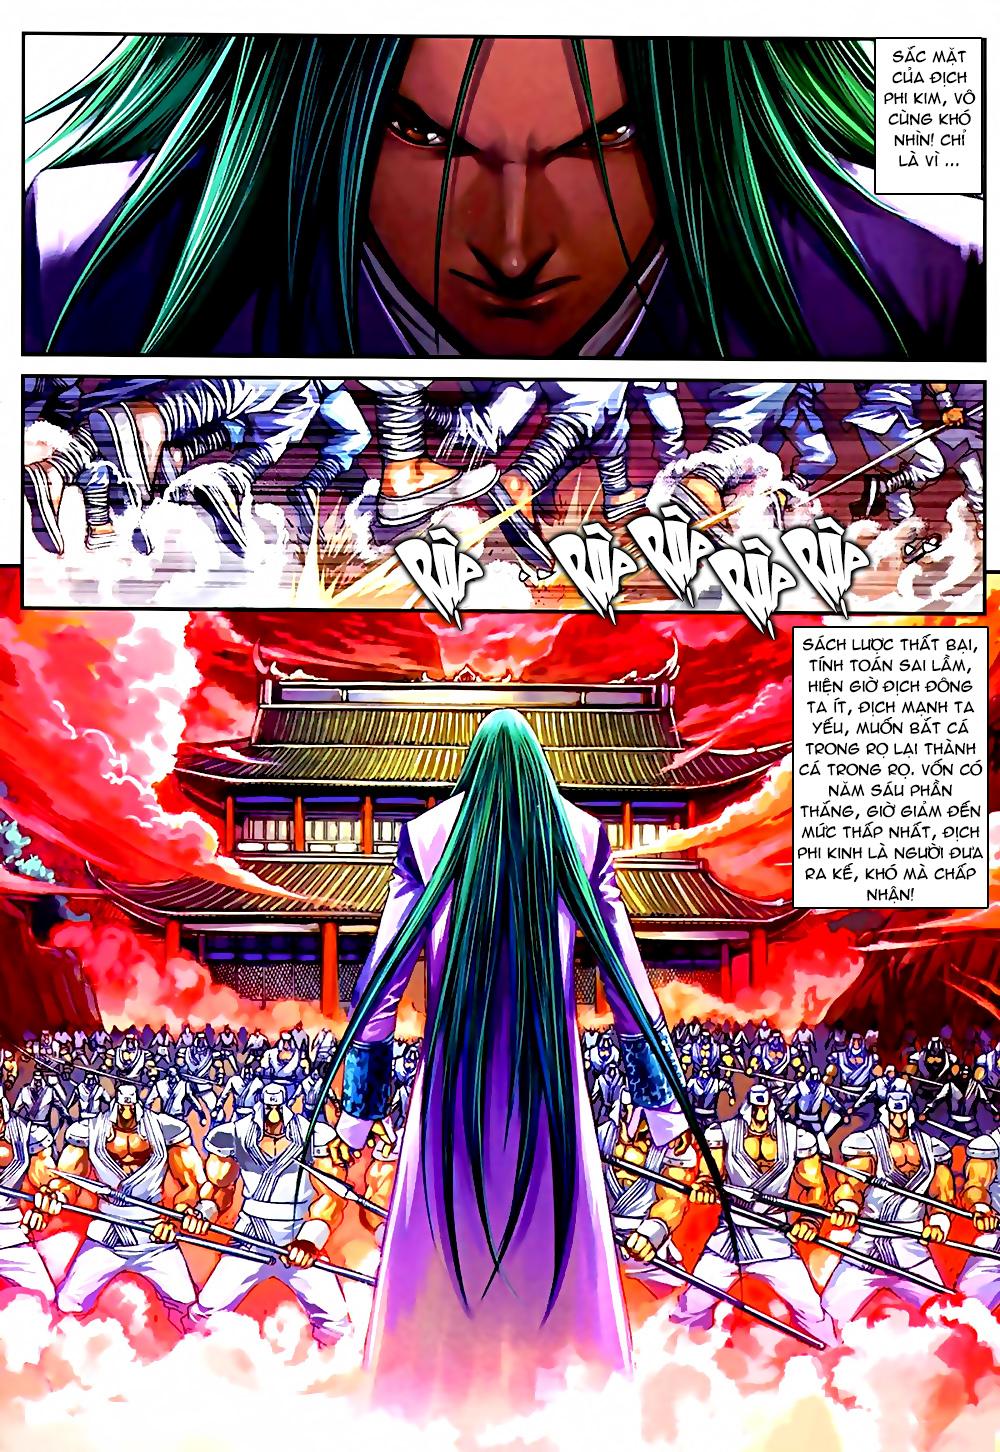 Ôn Thuỵ An Quần Hiệp Truyện Phần 2 chapter 33 trang 7